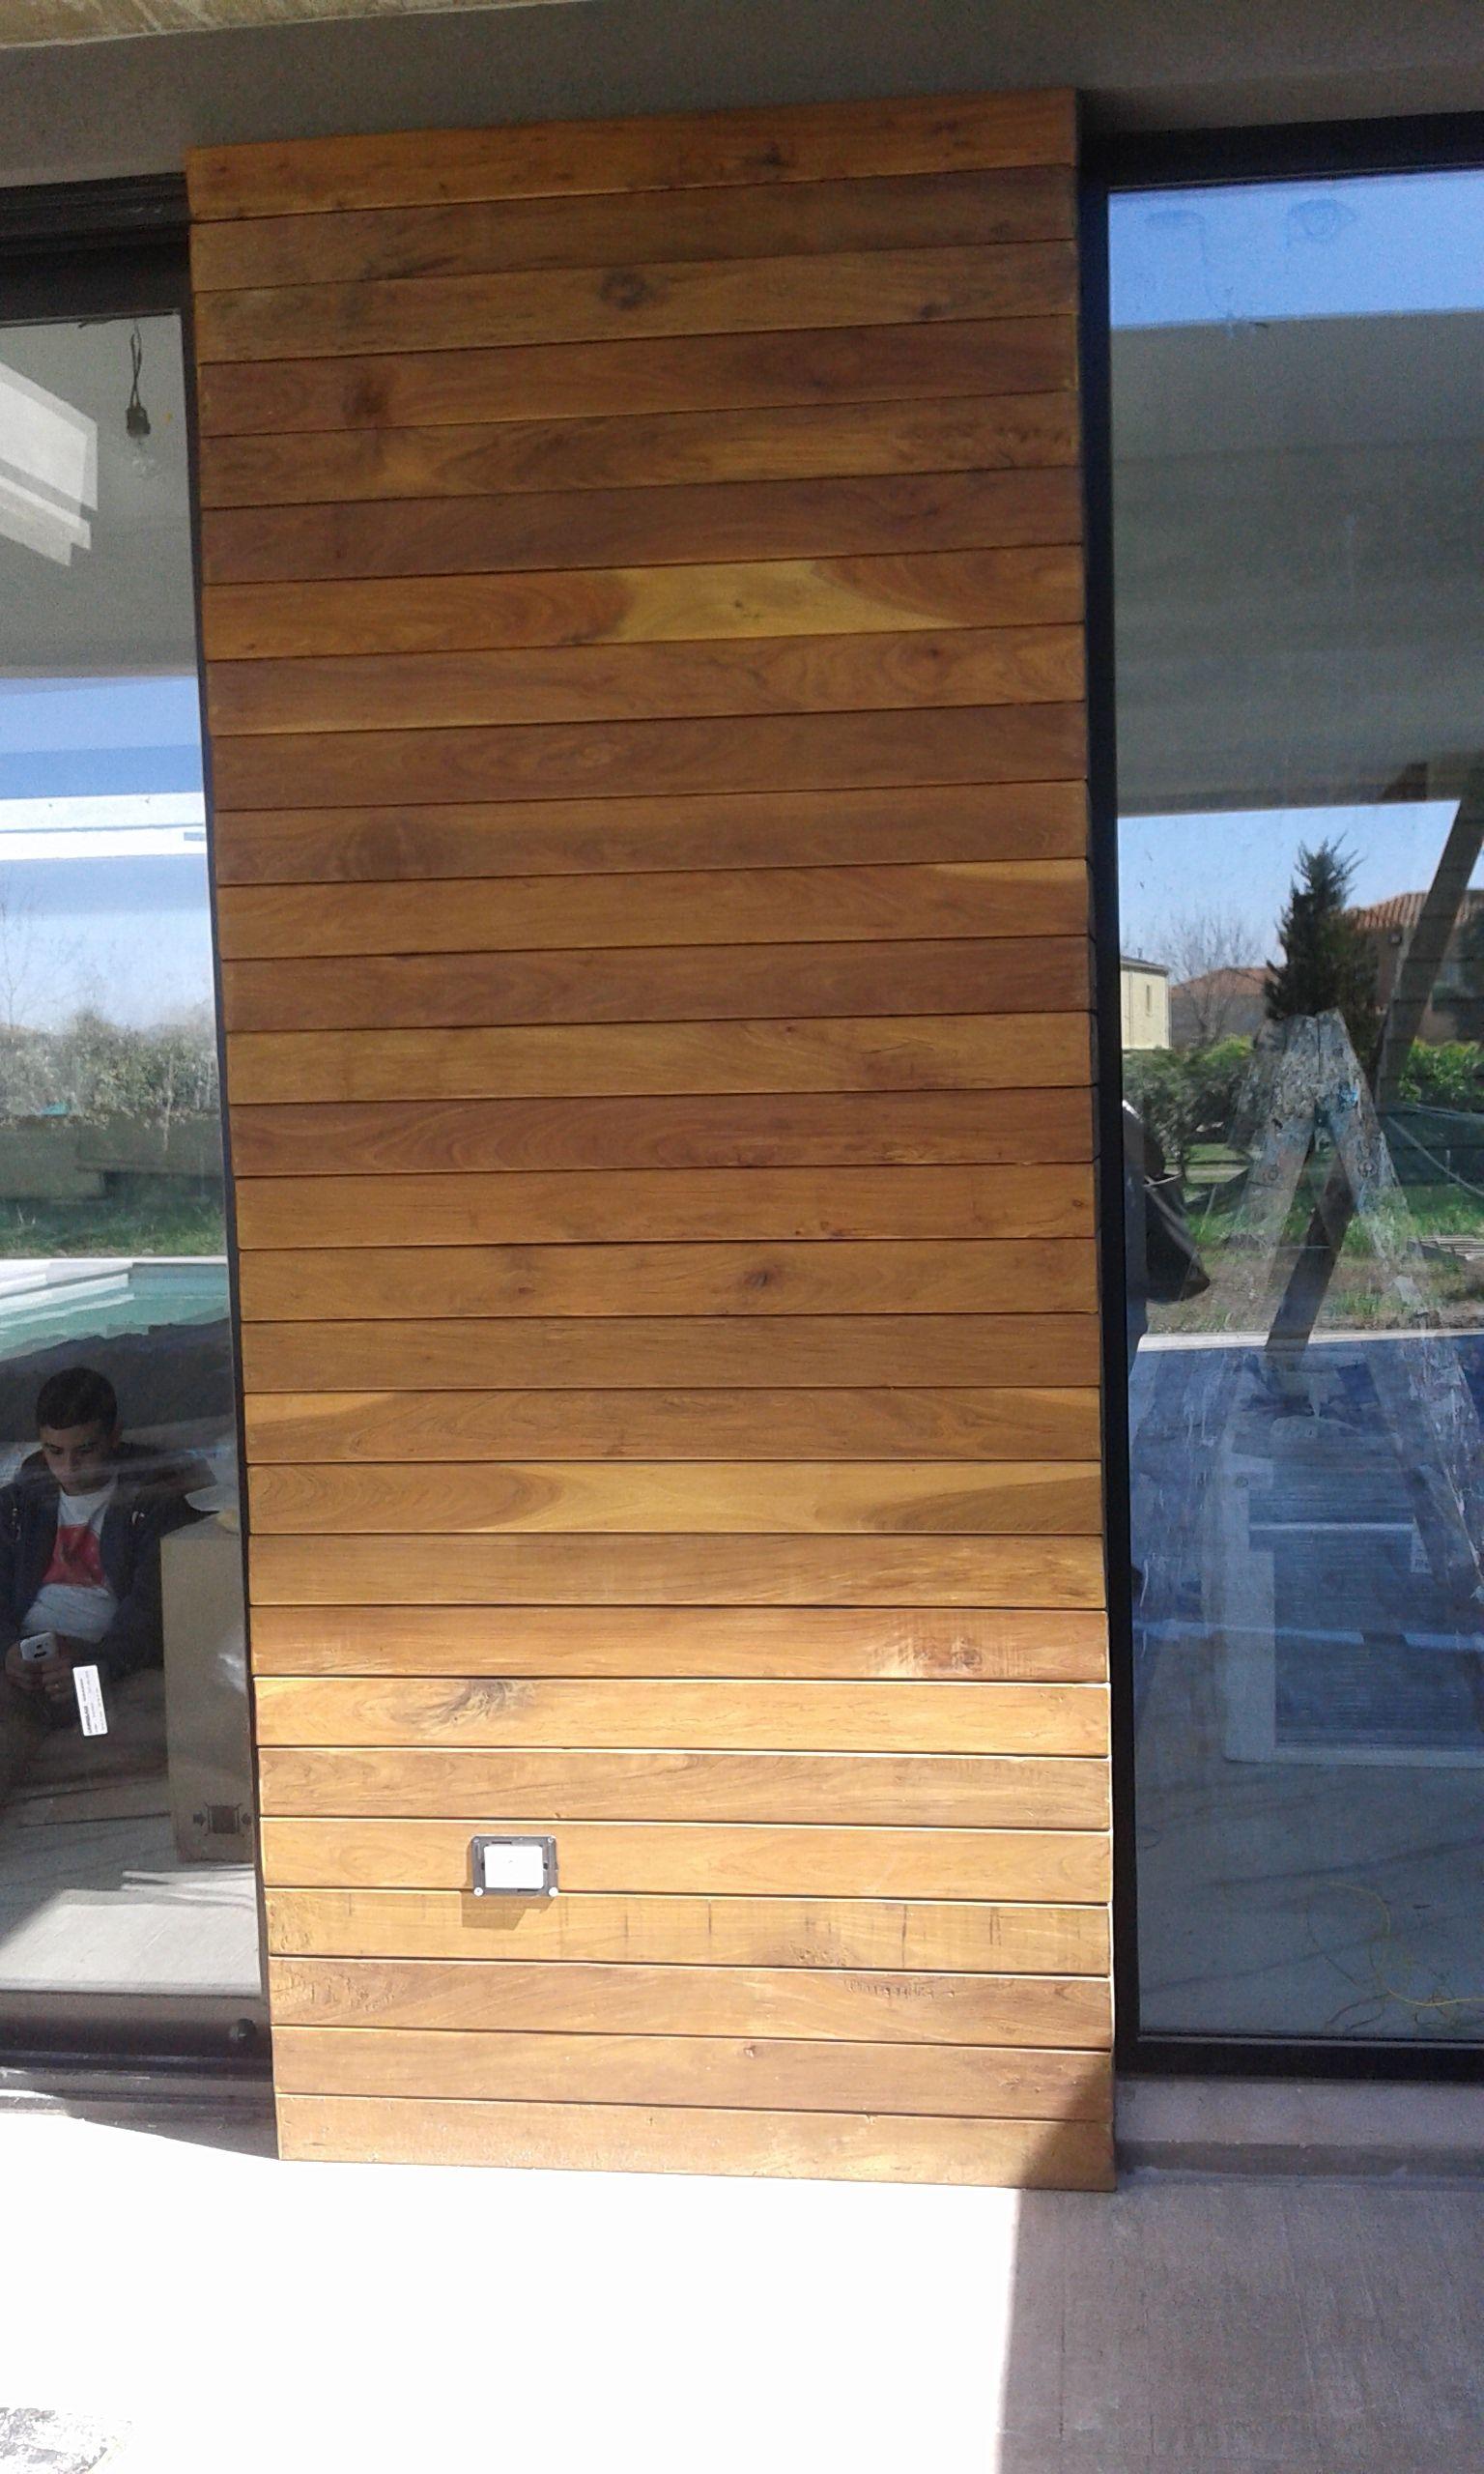 revestimiento pared exterior lapacho madera wood pilar wwwonmaderasdurascom - Revestimiento Exterior